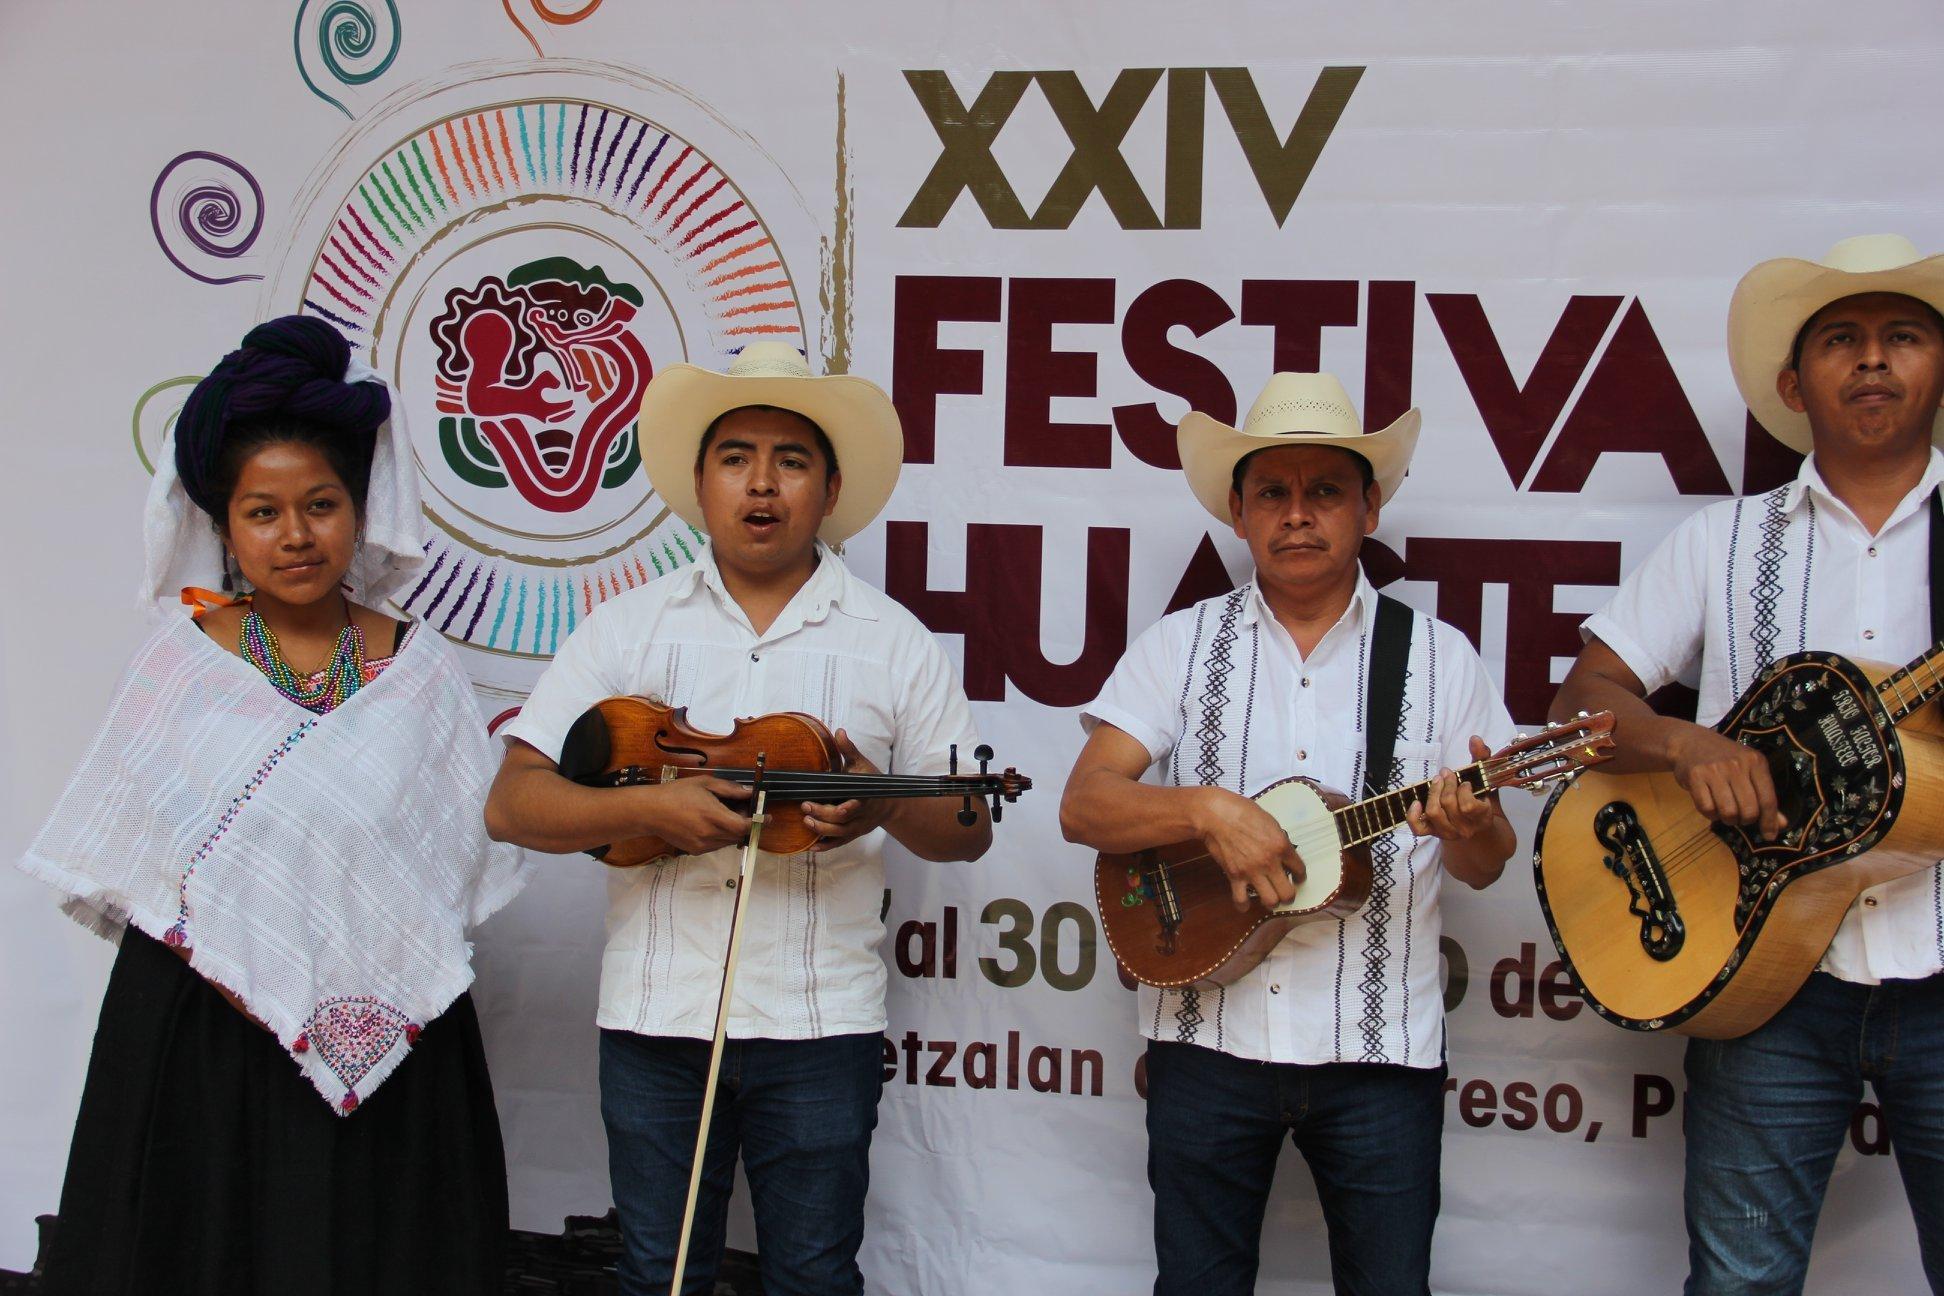 El programa del Festival de la Huasteca de este año está integrado con más de 100 actividades.